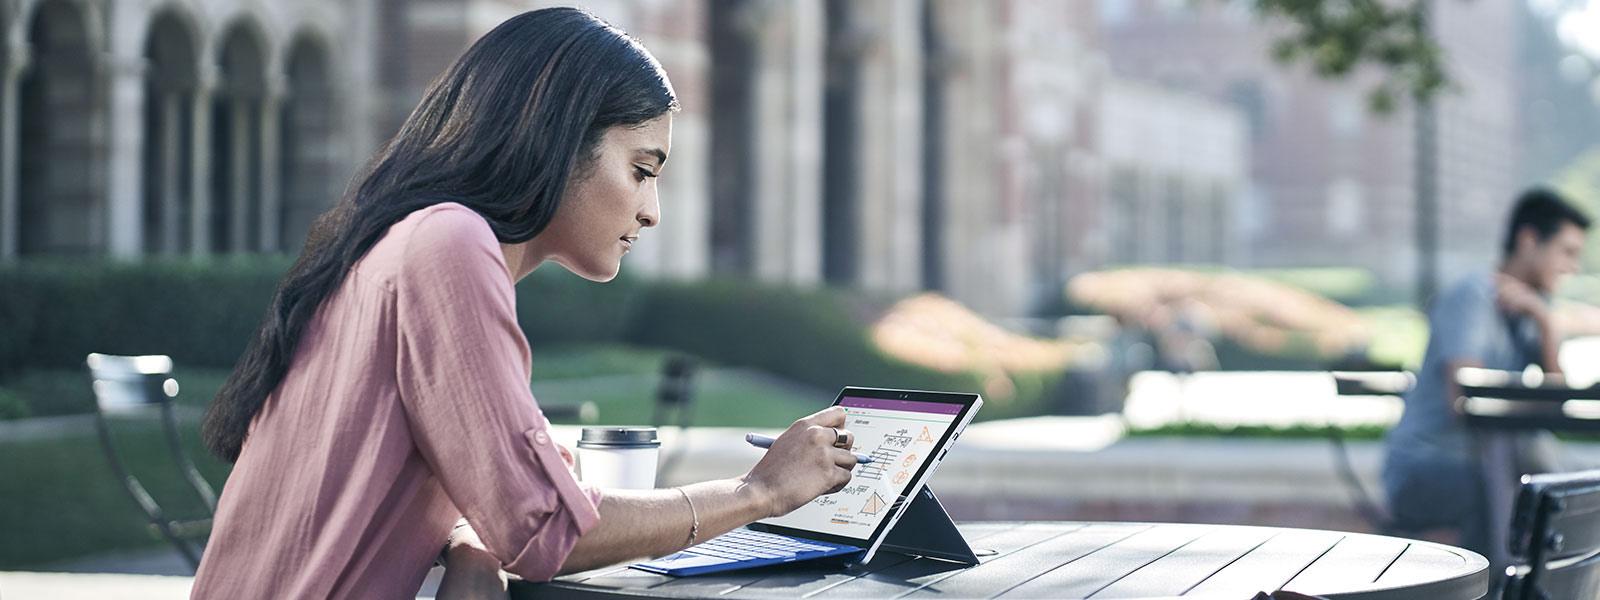 Kobieta rysująca na ekranie Surface Studio piórem Surface i powiększająca obraz dwoma palcami drugiej dłoni.